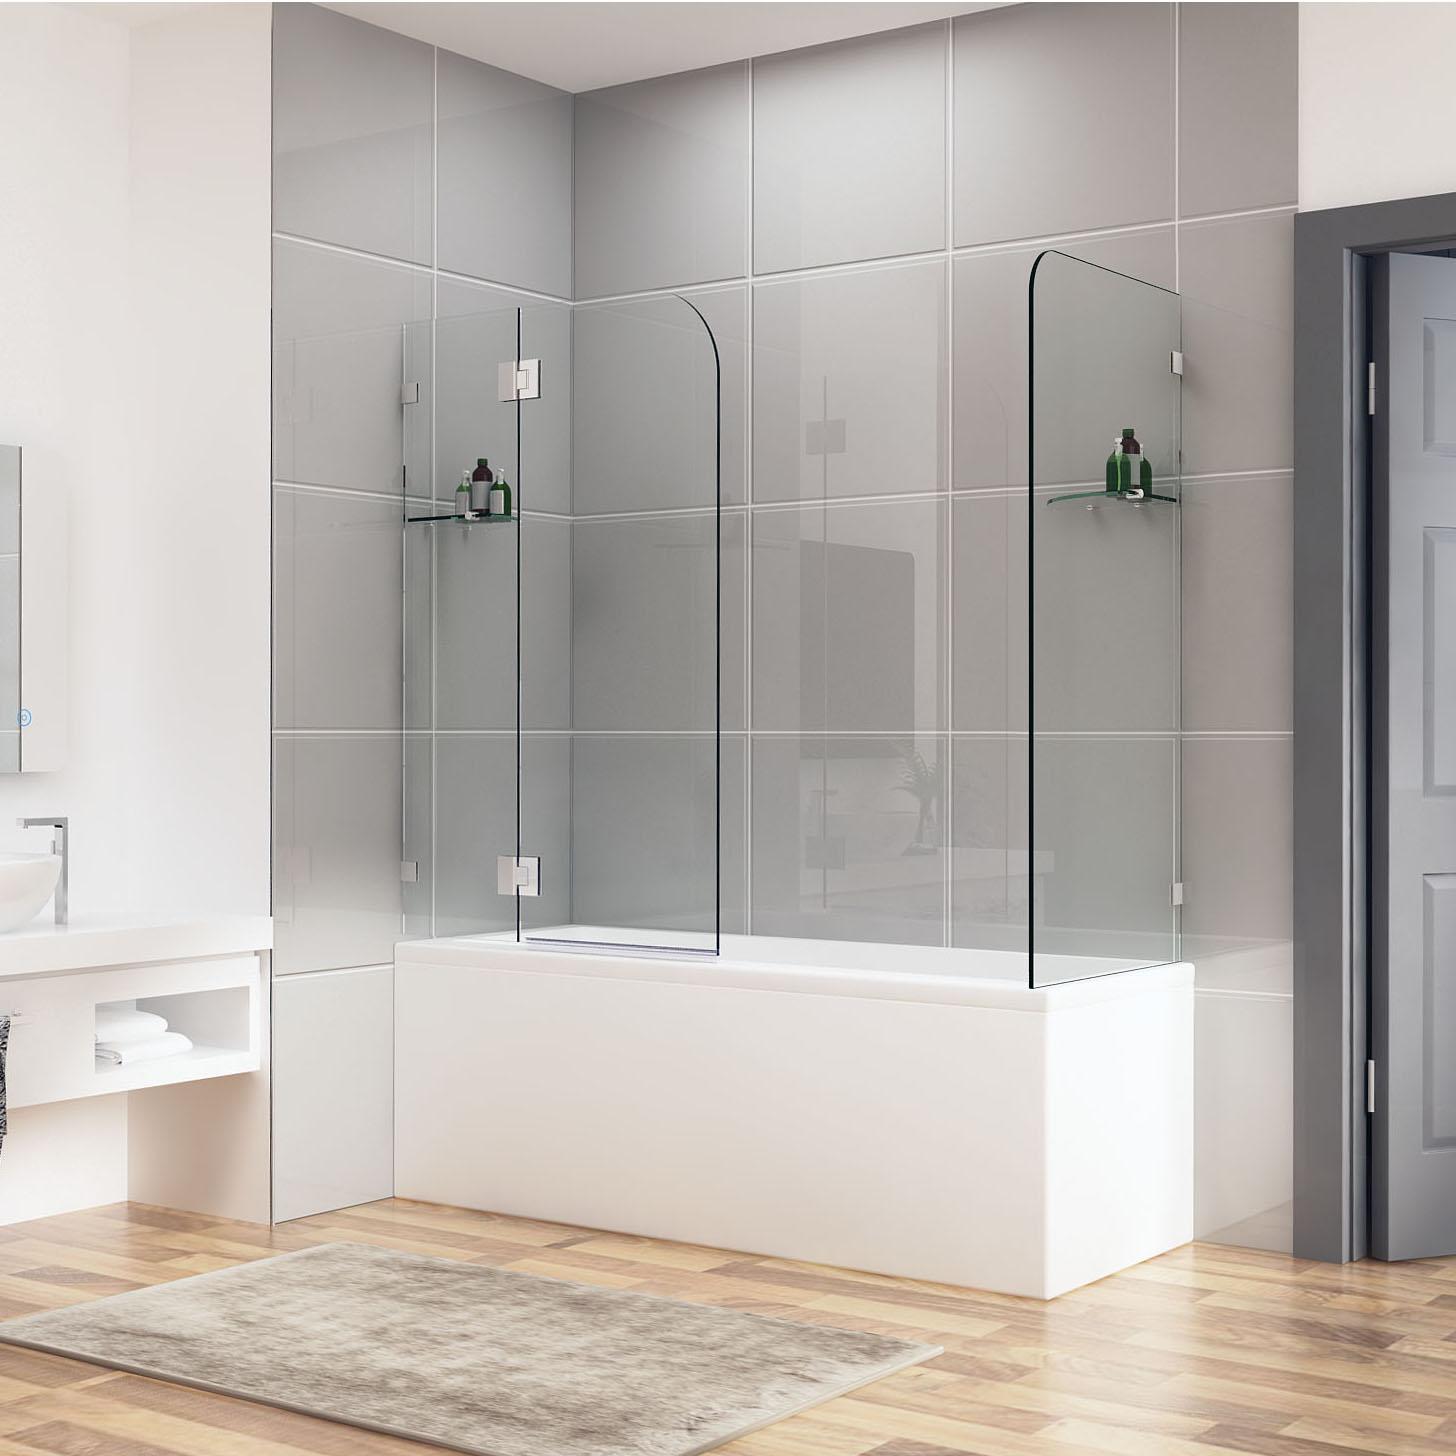 900 1000x700 800 900 frameless over bath shower screen. Black Bedroom Furniture Sets. Home Design Ideas